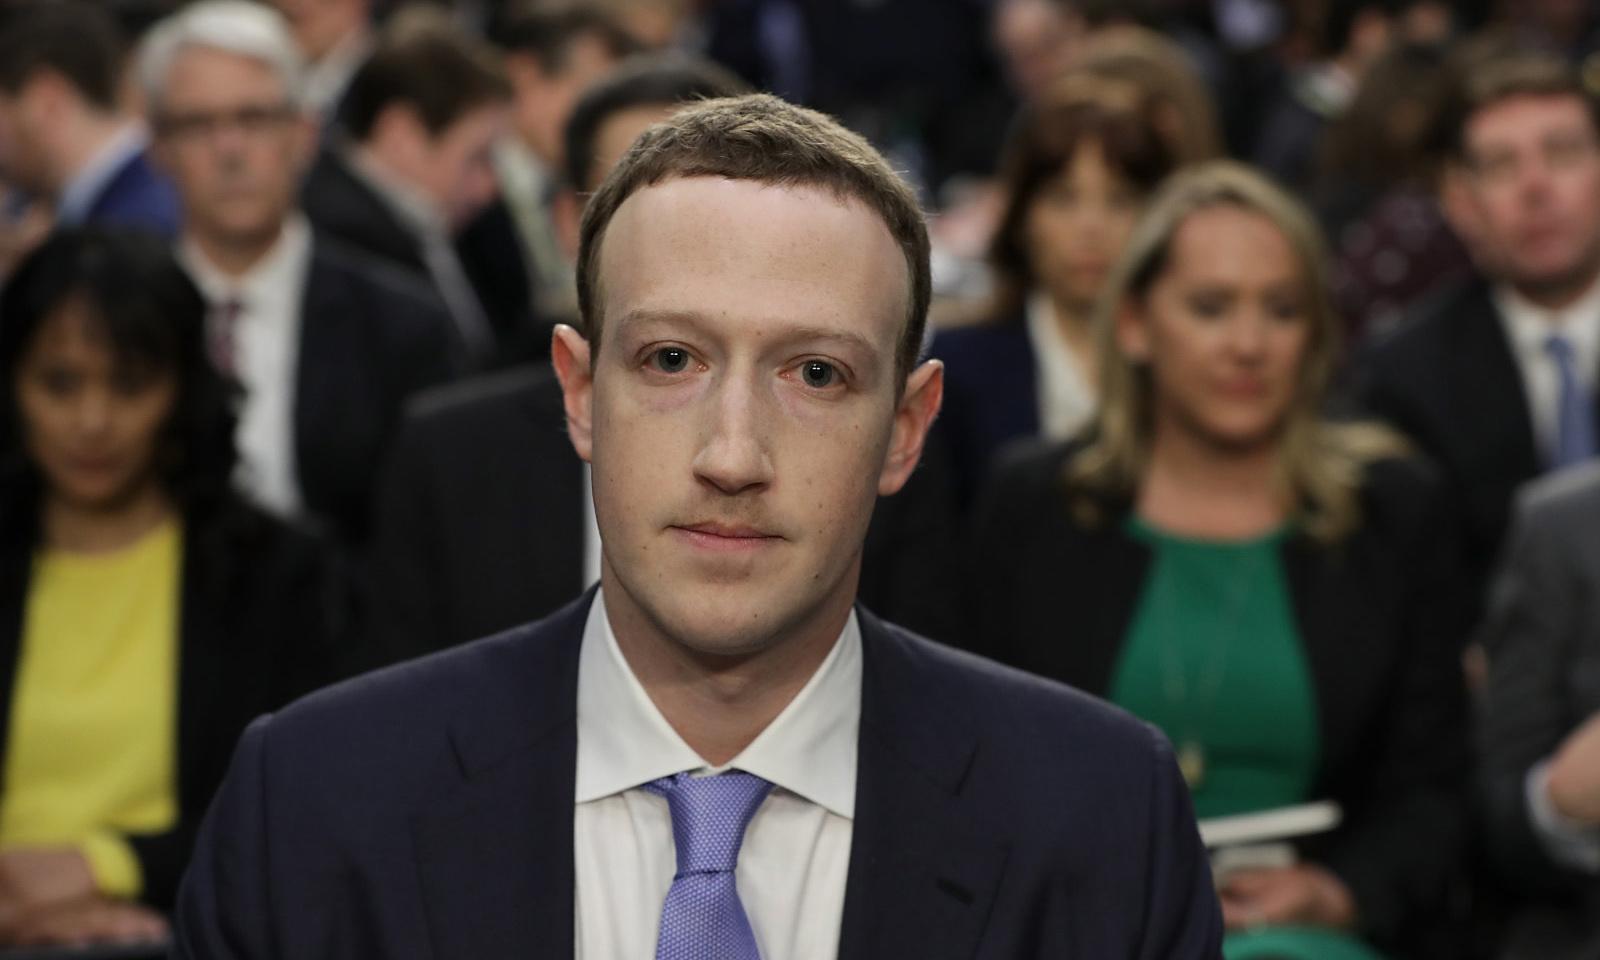 Facebook 被黑客攻击,约 5,000 万用户受影响